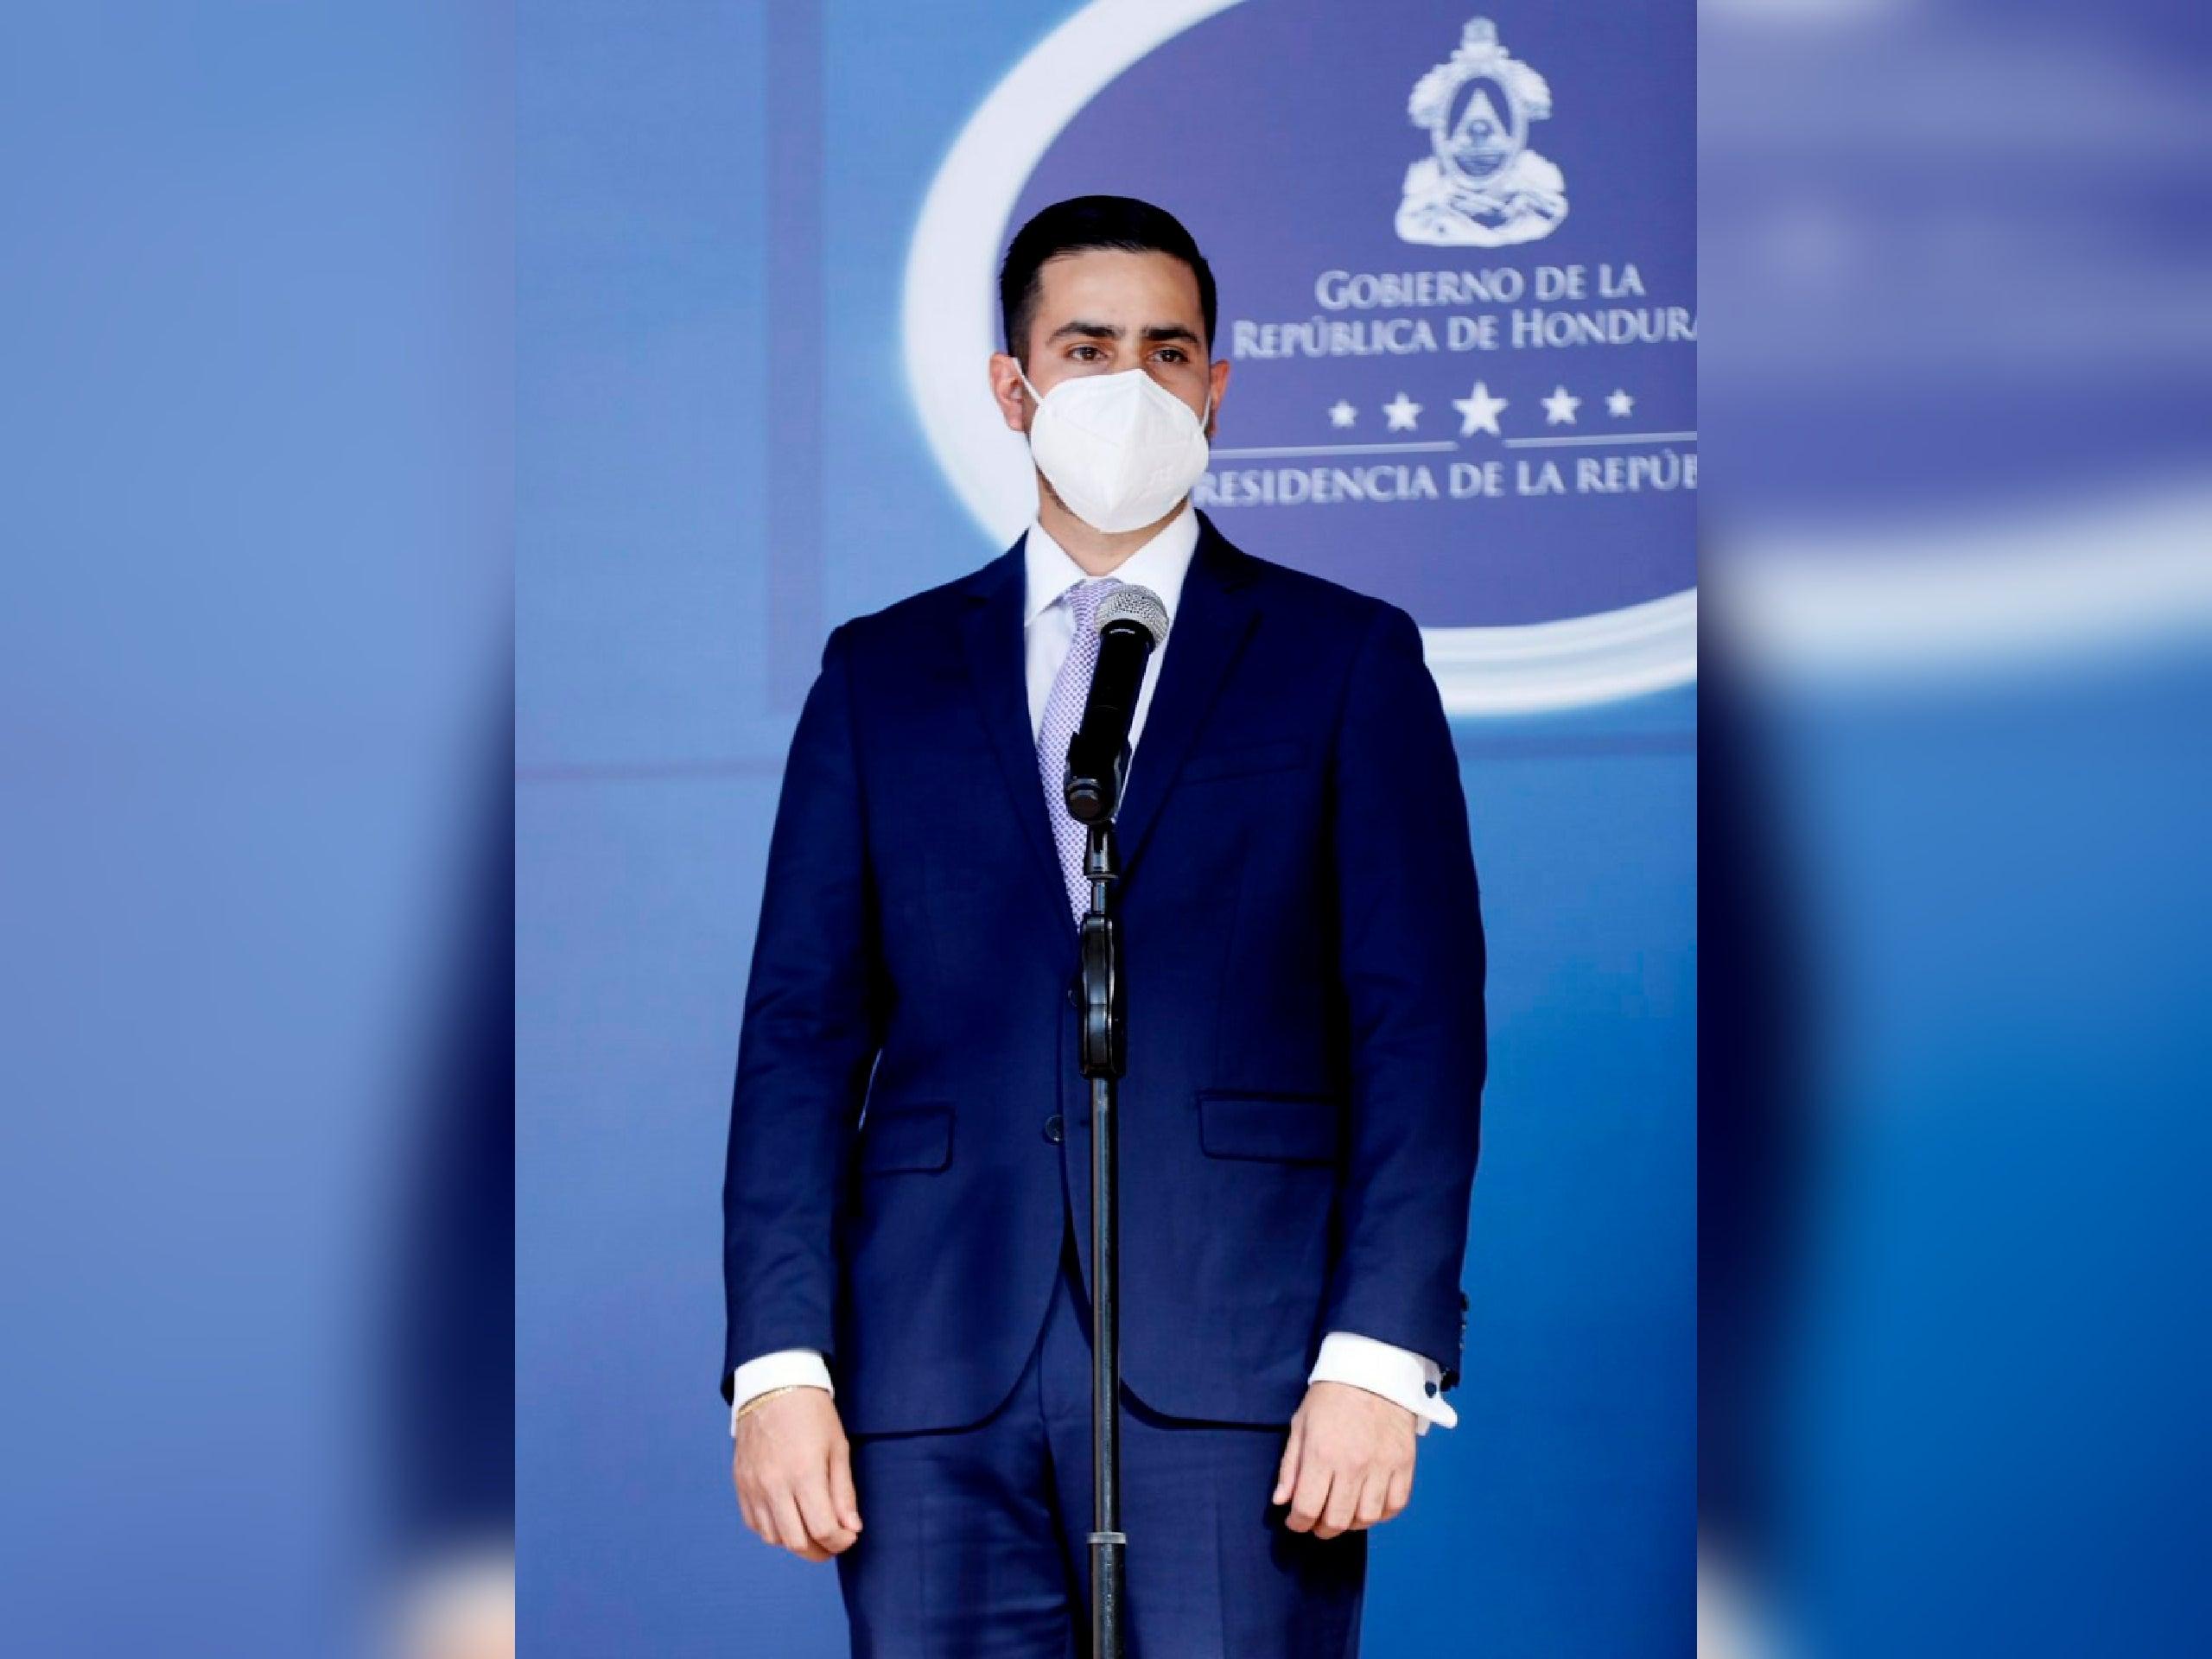 Josué Orellana dijo que ya se contabilizan casi 90 días donde no se registra muertes en el personal de enfermería